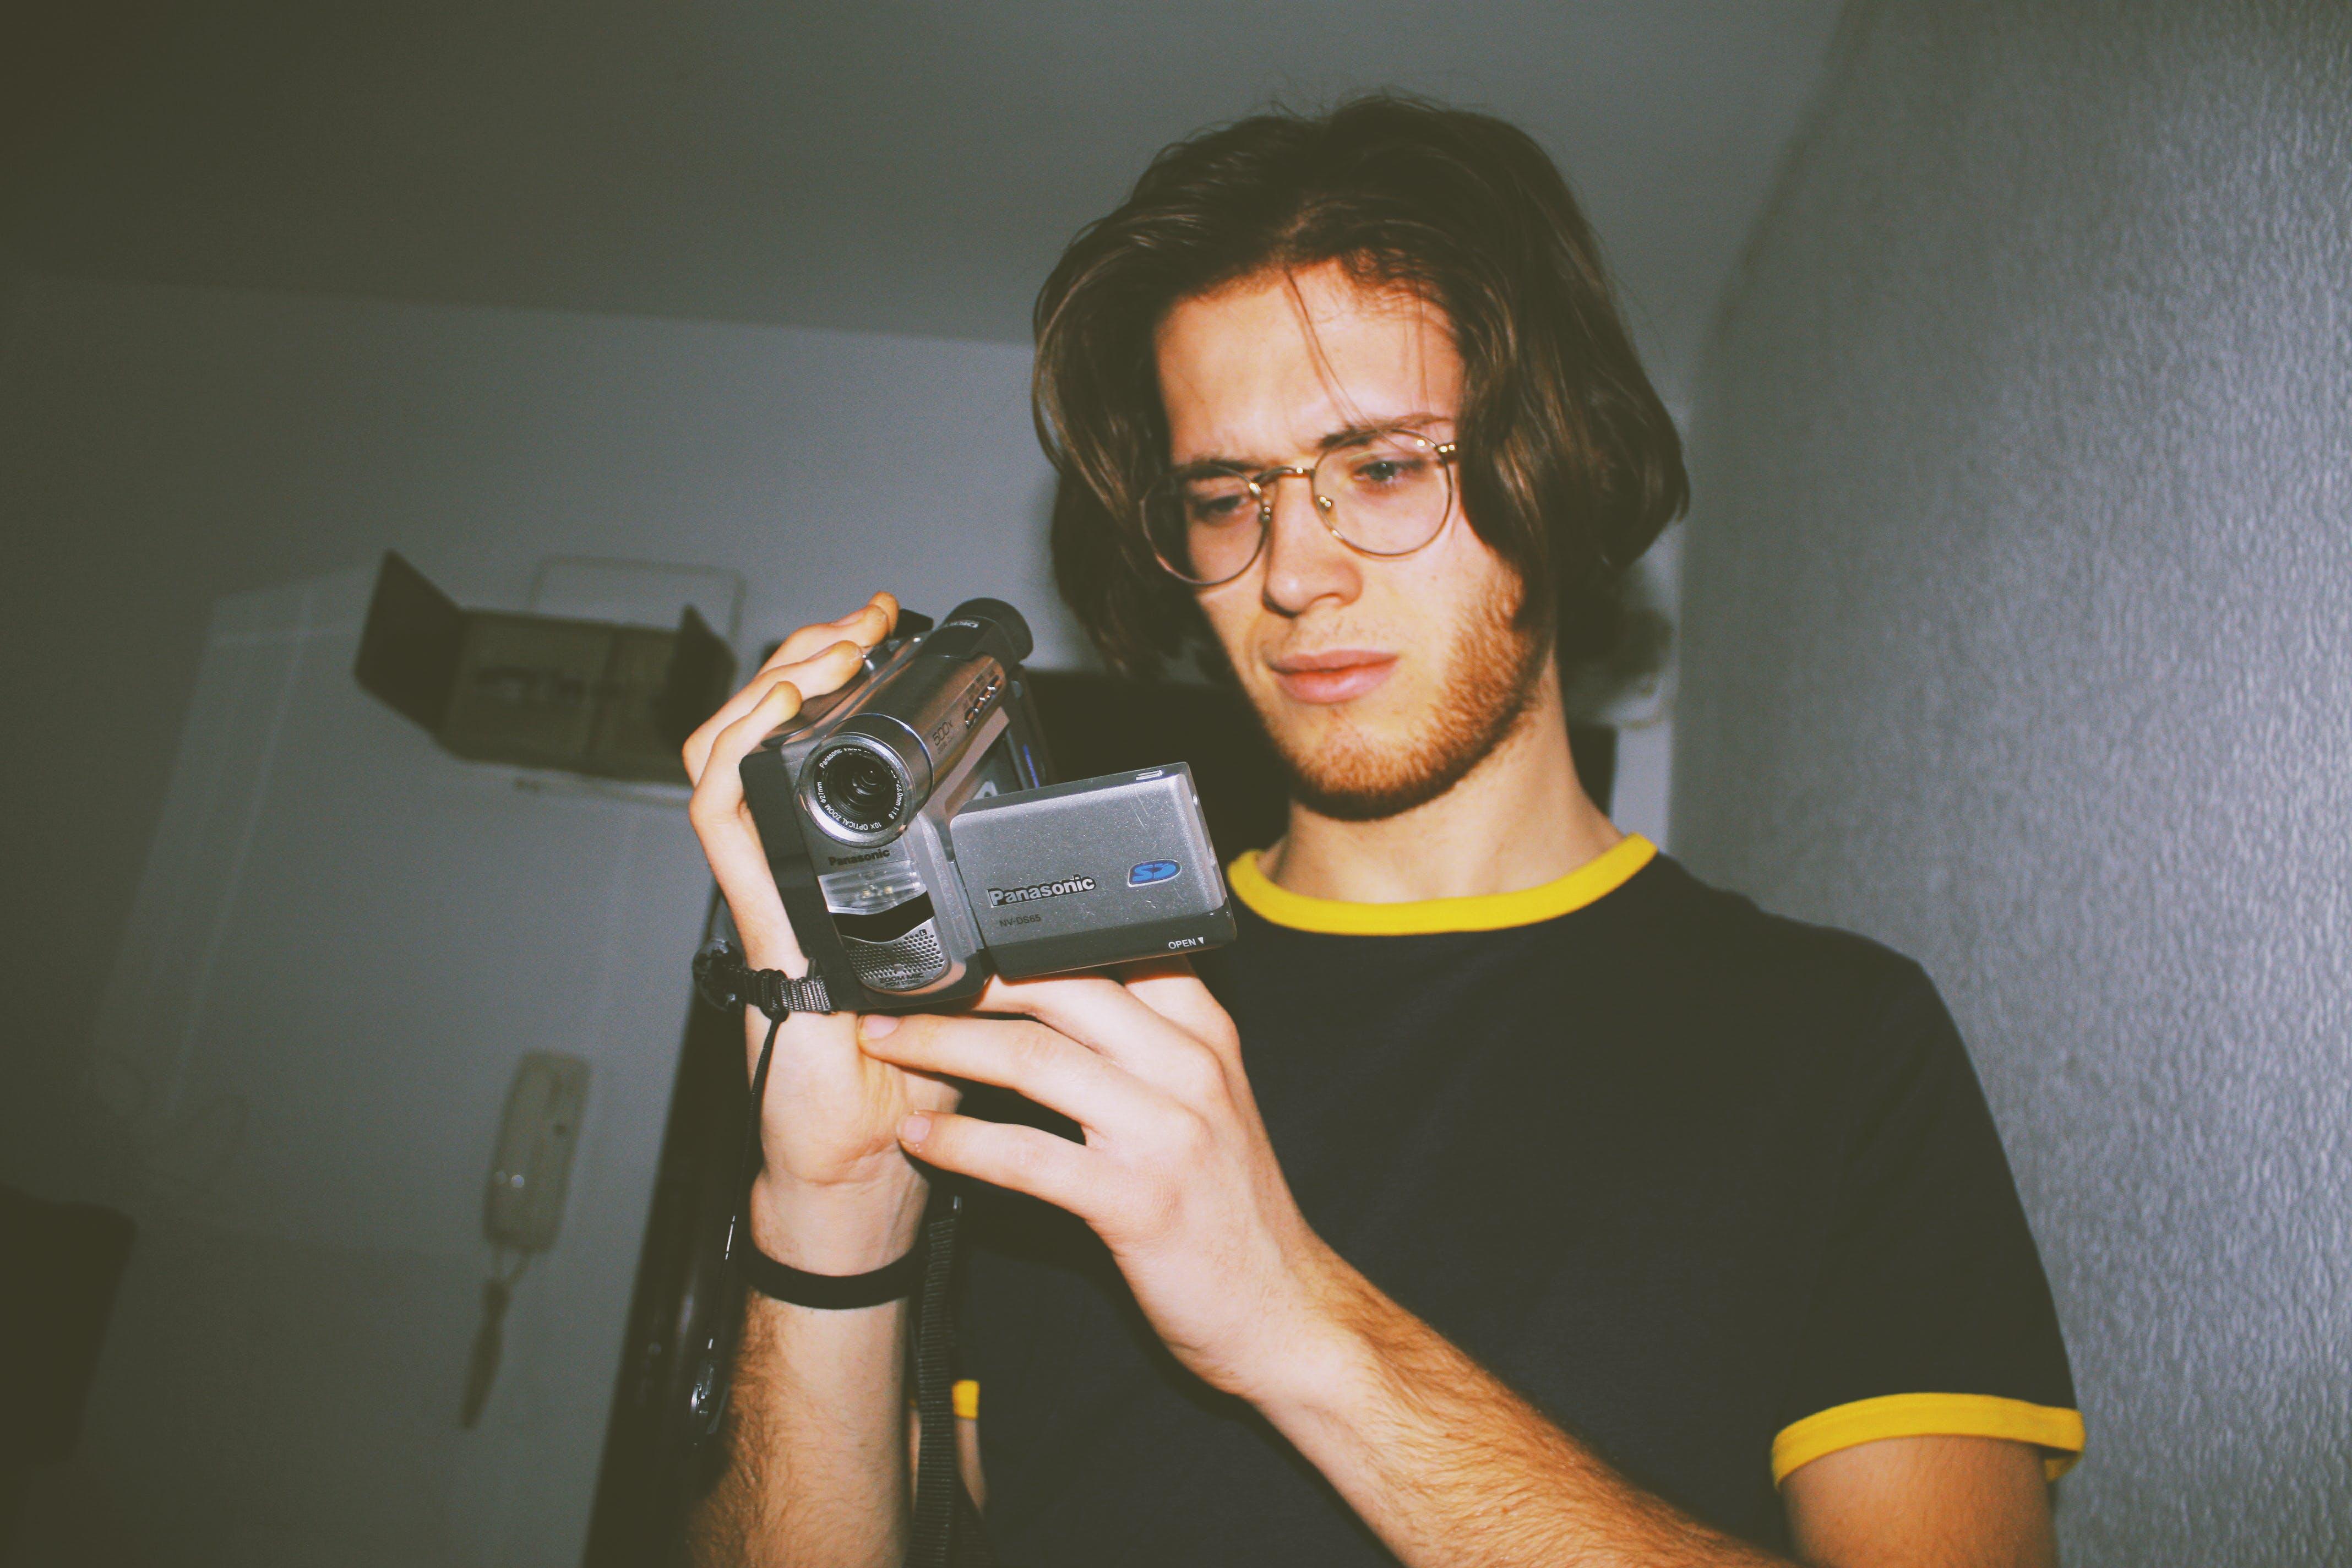 Man Wearing Black Shirt Holding Digital Camcorder